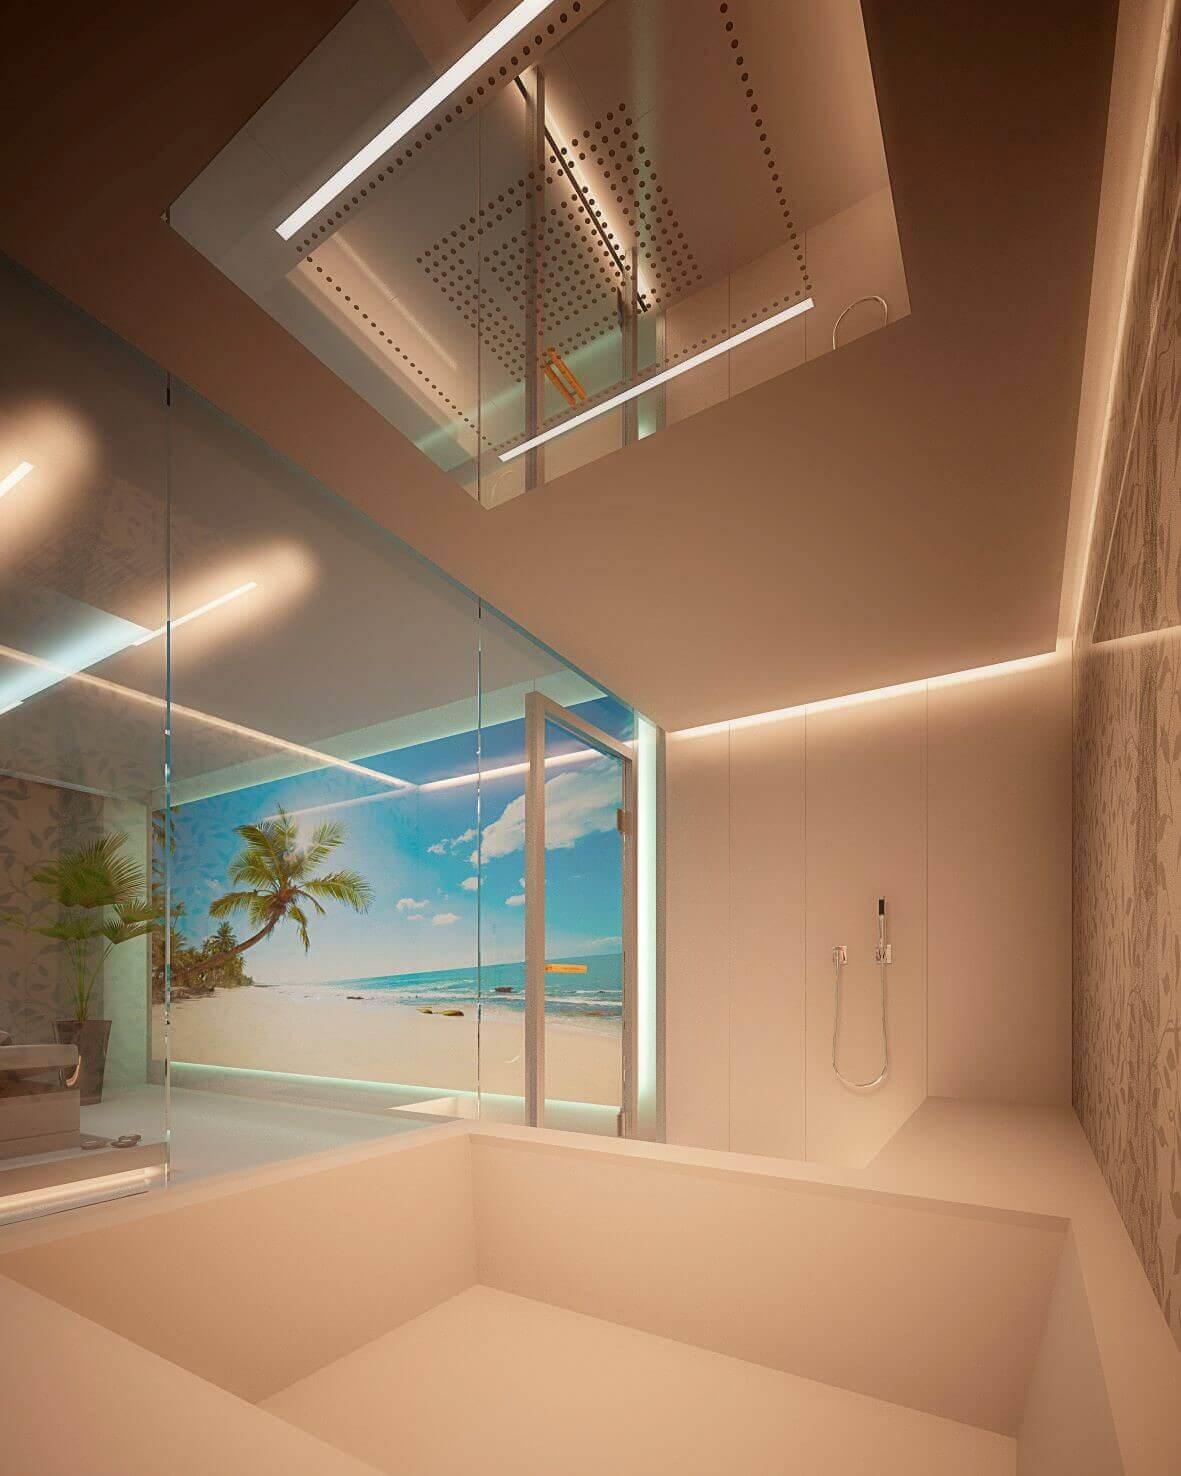 Der Tag beginnt bei vielen unter der Dusche. Hier im individuellen Badambiente wacht man auf, geht die Pläne für den Tag im Kopf durch und sammelt Energie für die Herausforderungen des AlltagsUnter einer modernen Regendusche, die ebenerdig hinter einer Duschabtrennung Glas montiert ist und damit zu den exklusivsten Badezimmer Trends zählt, lässt es sich noch besser in den Tag starten. 3D VISUALISIERUNG Emotionsstarke Bilder, die Sie Ihr künftiges Bad hautnah erleben lassen. Freuen Sie sich auf Ihre Architekturvisualisierung bzw. Renderings-Visualisierungen. Wir nutzen die besten 3D Artisten, um fotorealistische Bilder anzubieten. Naturstein, Fliesen und Wandbearbeitung werden so erlebbar.